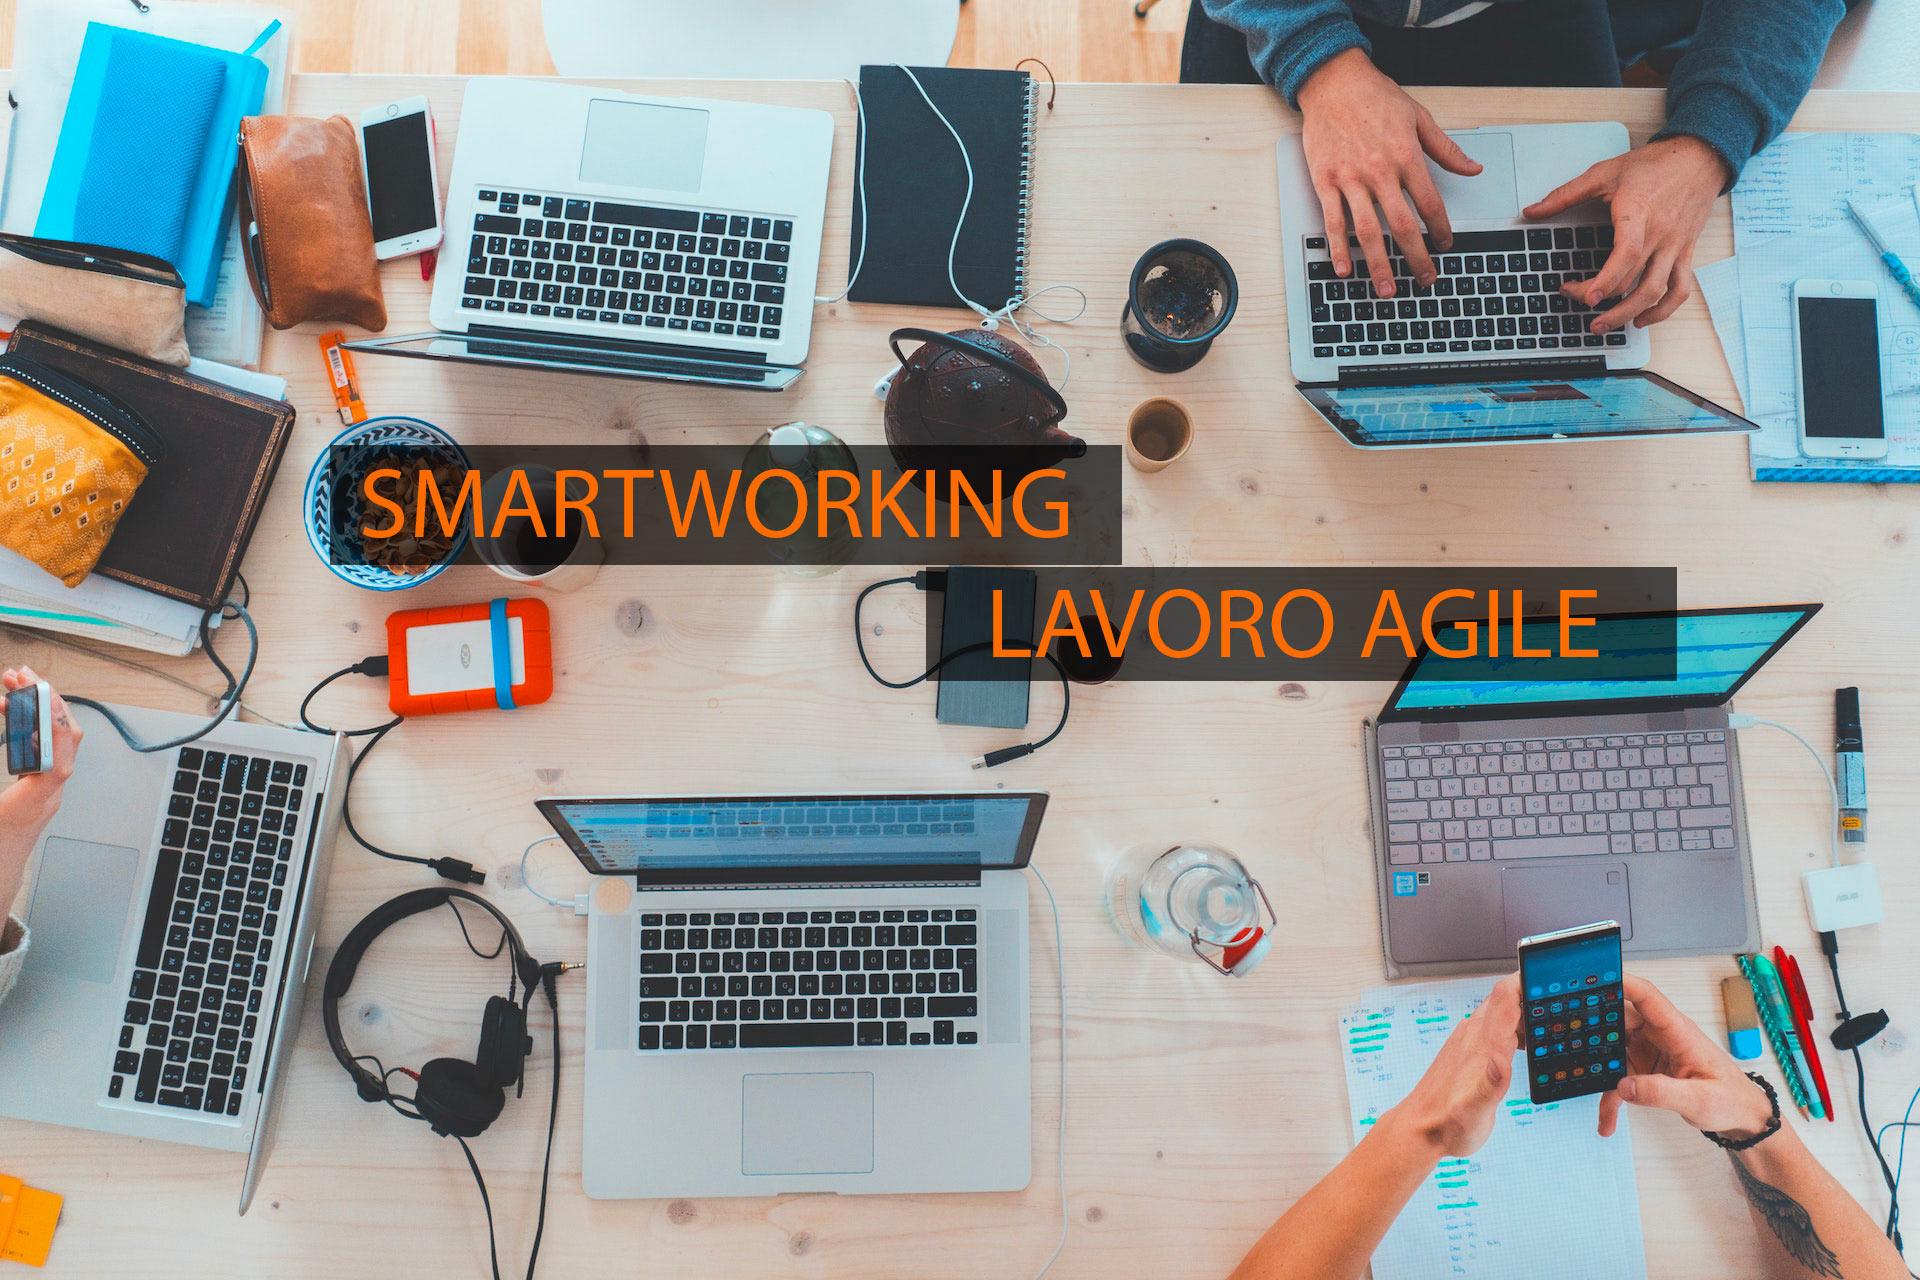 Smart Working - Lavoro Agile